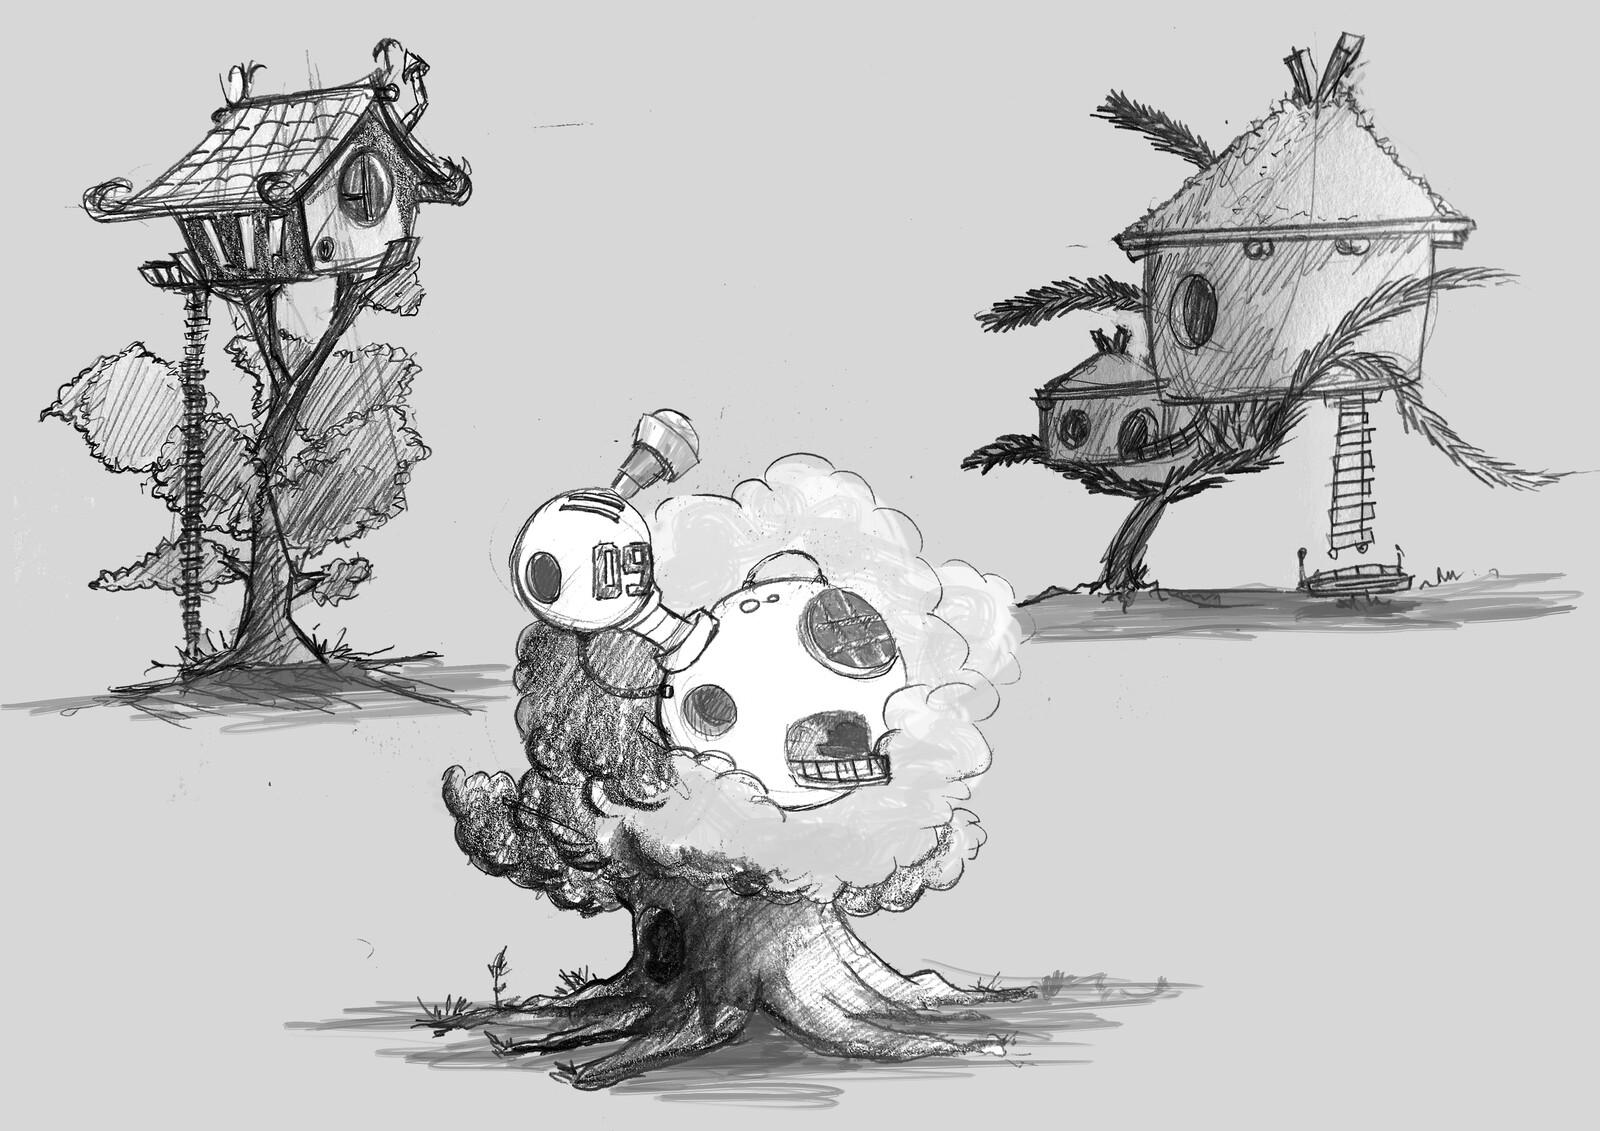 skt tree houses